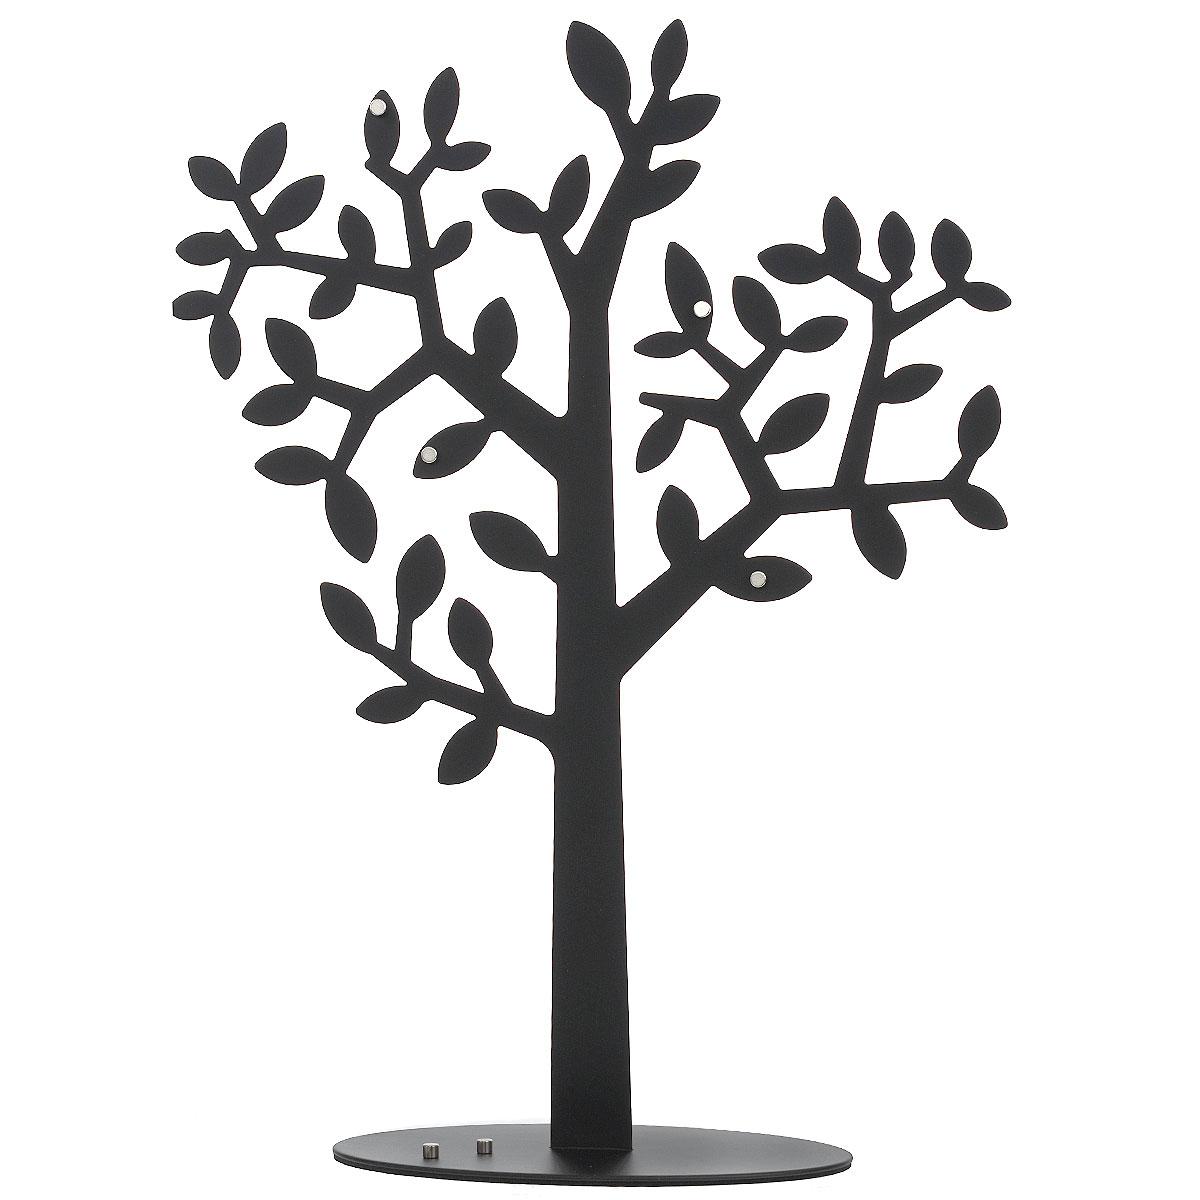 Держатель для фото Umbra Laurel, цвет: черный. 306600-040Брелок для ключейДержатель для фото Umbra Laurel станет не только прекрасным декоративным украшением стола, но и послужит функционально: поместите в держатель вашу любимую фотографию, и она будет радовать вас каждый день, напоминая о приятных мгновениях. Держатель выполнен из металла в виде дерева. Такой сувенир, несомненно, доставит море положительных эмоций своему обладателю. Общий размер держателя: 41 см х 29 см x 4 см.